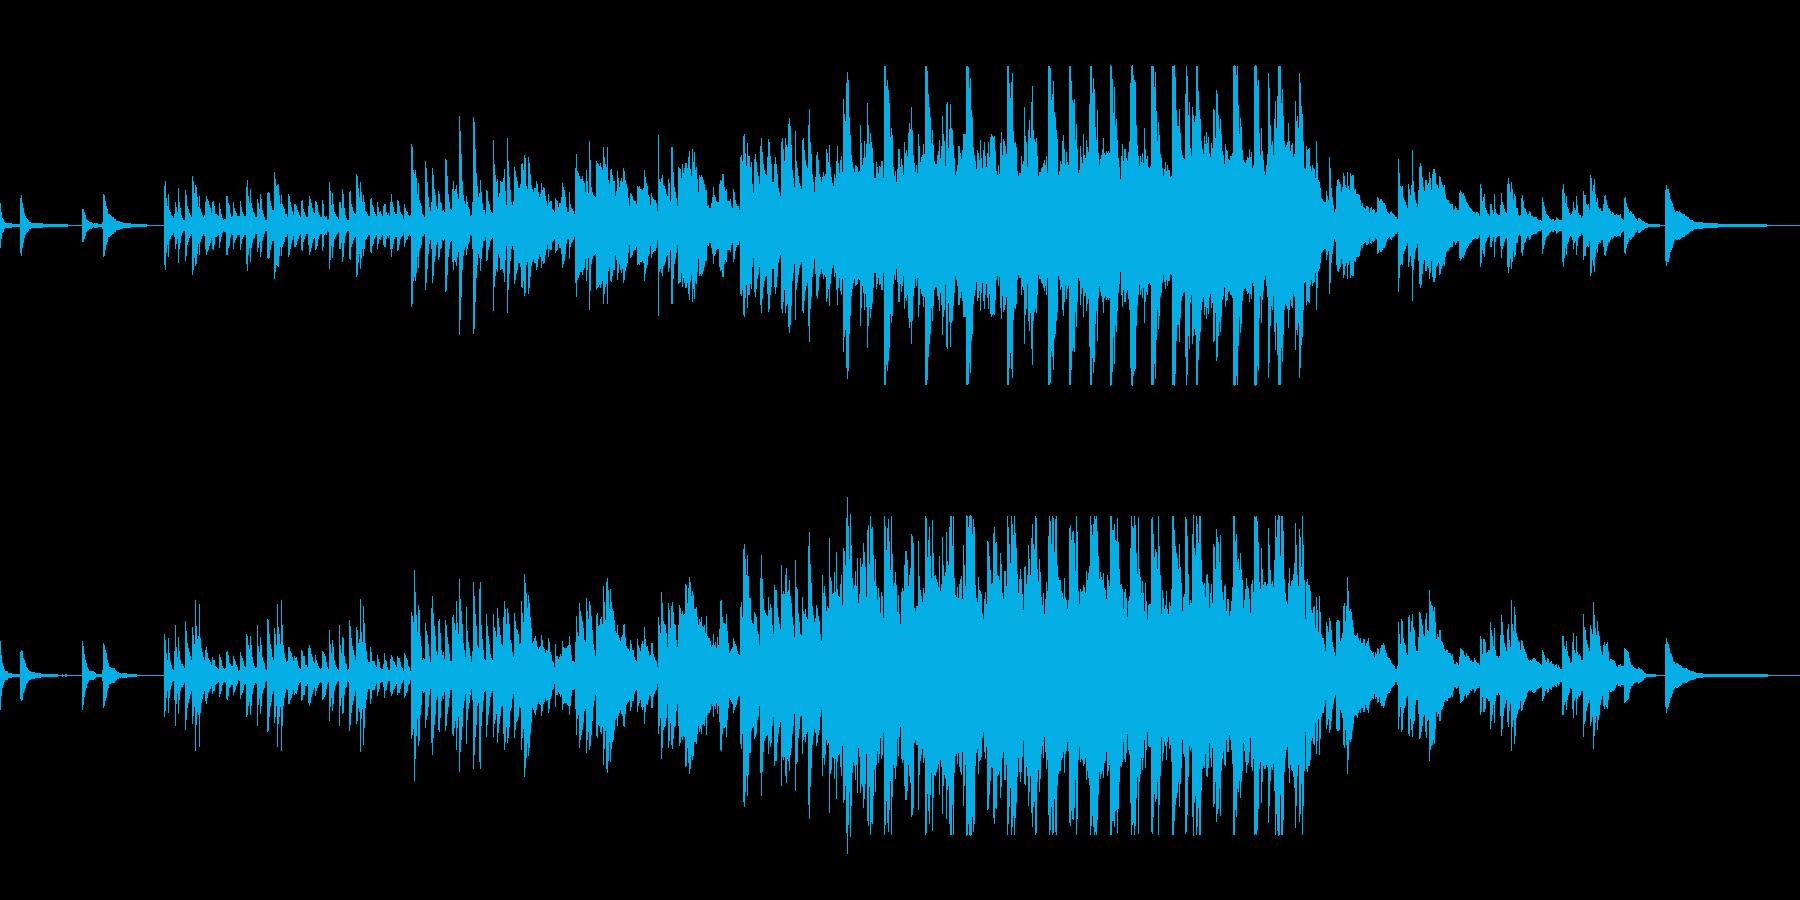 ぽつんとした美しい旋律のピアノの曲の再生済みの波形